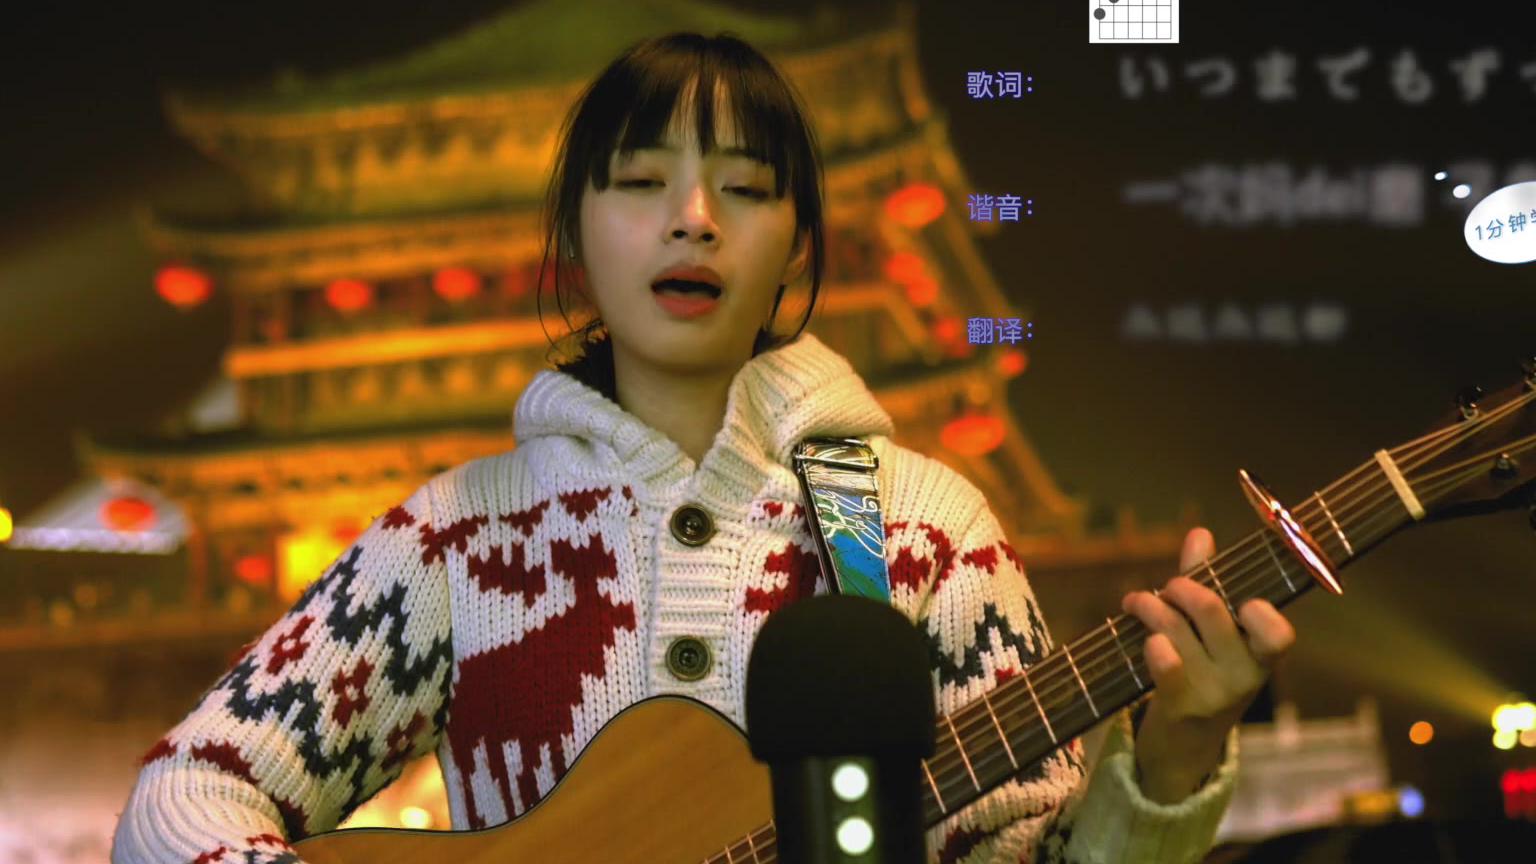 弹吉他唱日语歌的第23天:秋意浓-行かないで(玉置浩二)……适合夜晚的孤独~